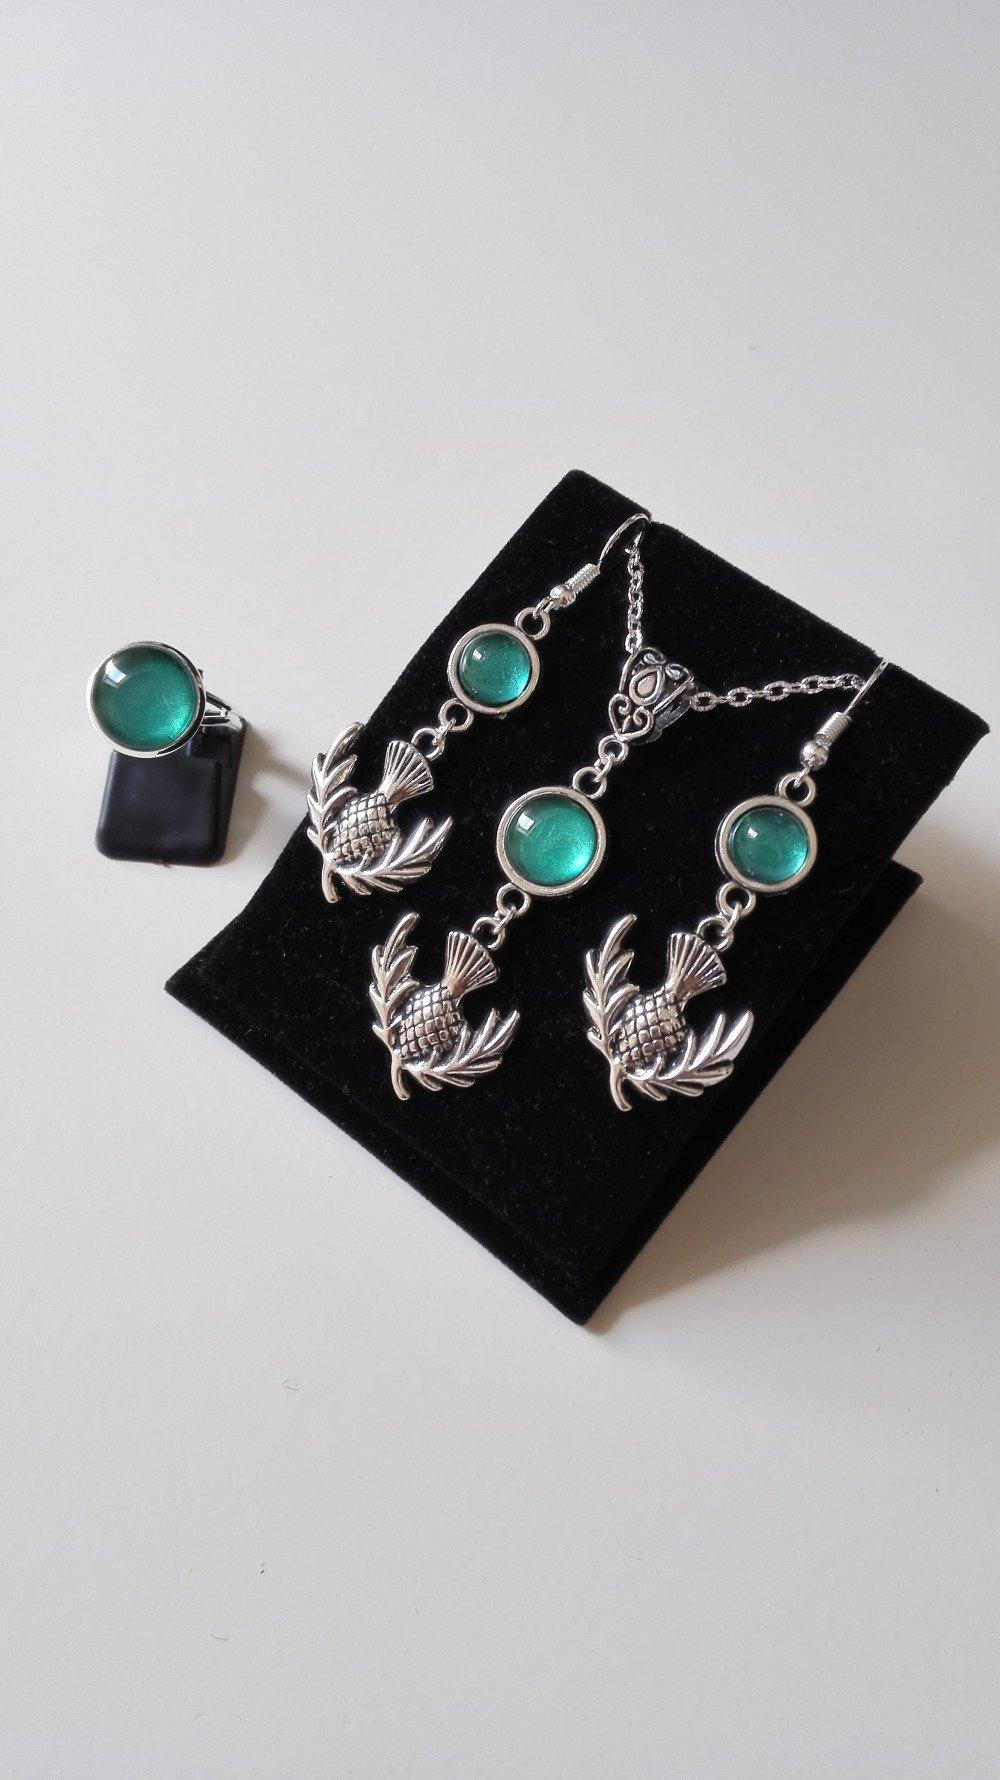 Miss Box Claire en Ecosse inspiration Outlander vert argenté féérique idée cadeau Miss Perles collier boucles d'oreilles et bague